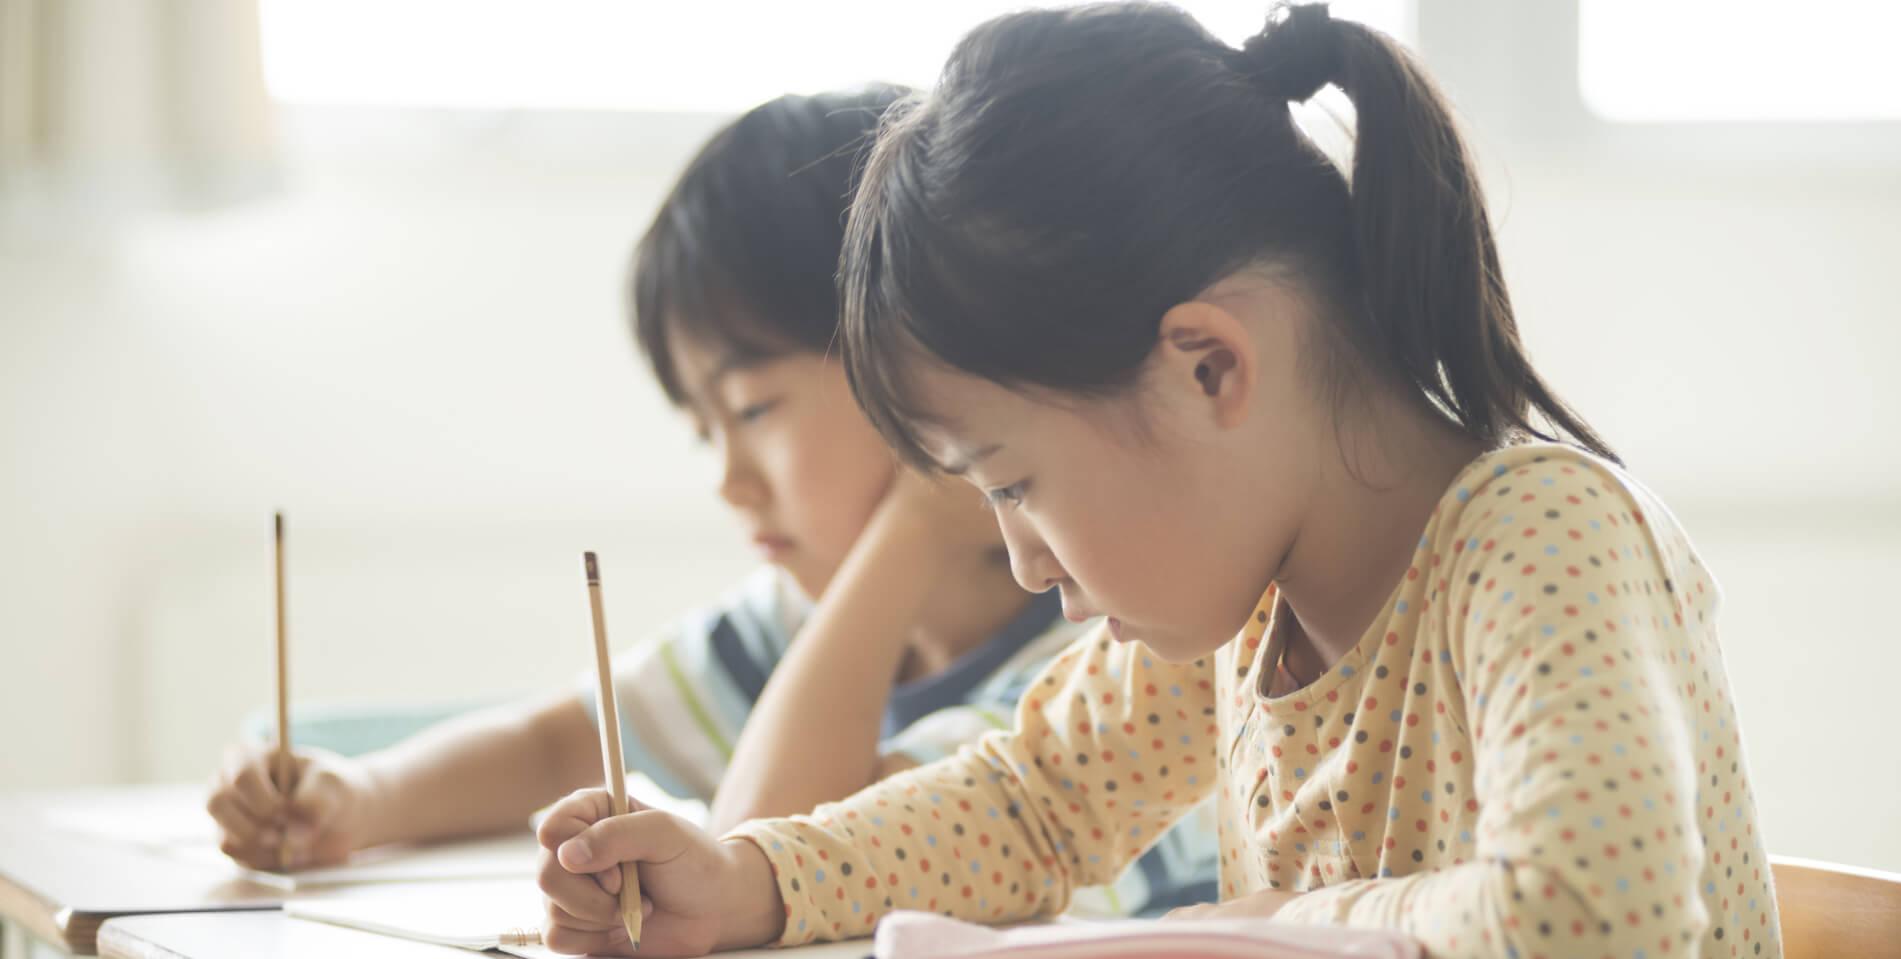 4技能をマスターして世界で通じる英語力を。対象 小1~小6